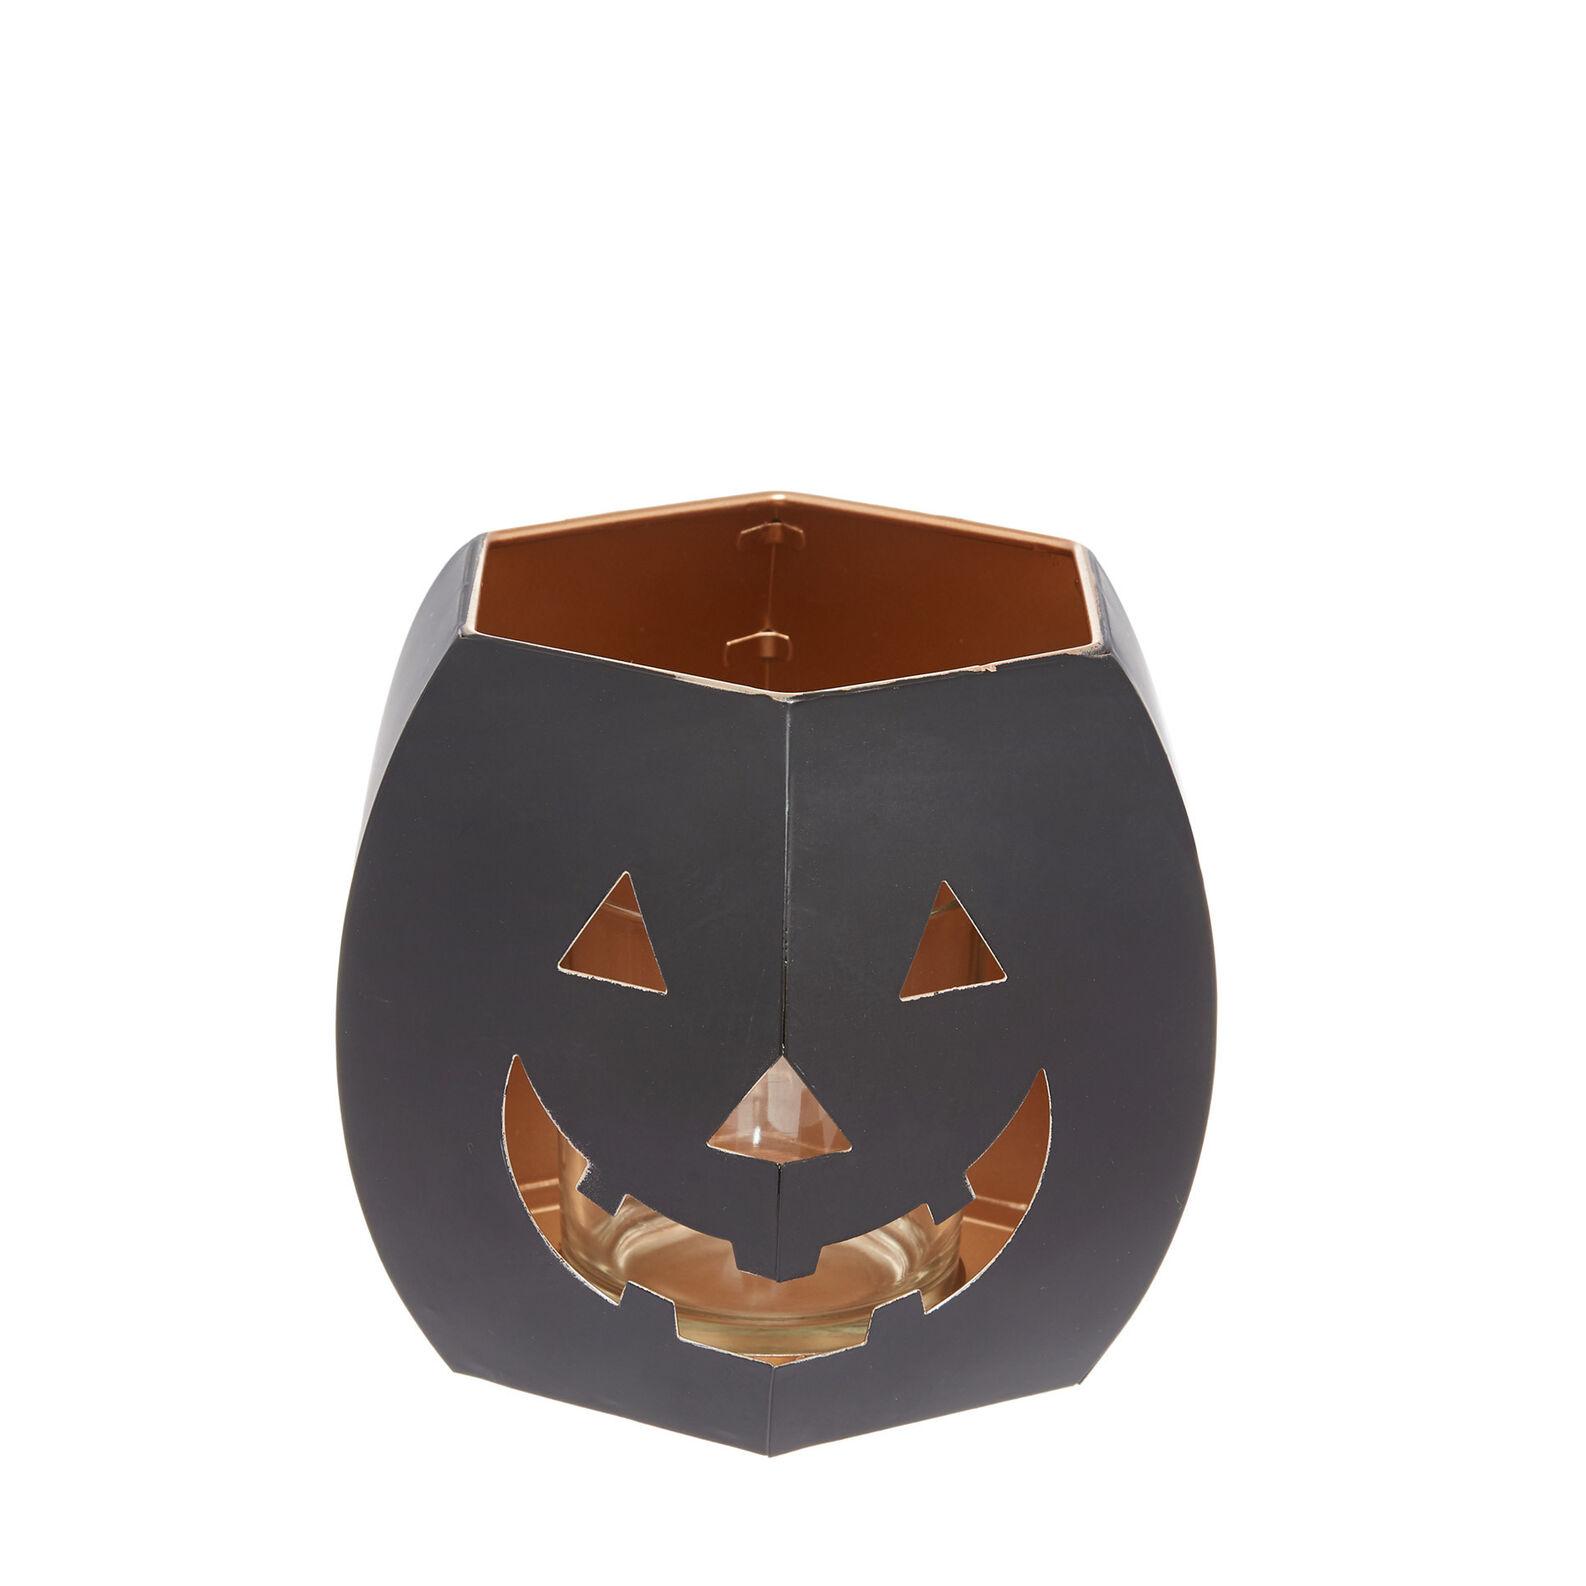 Metal pumpkin-shaped lantern